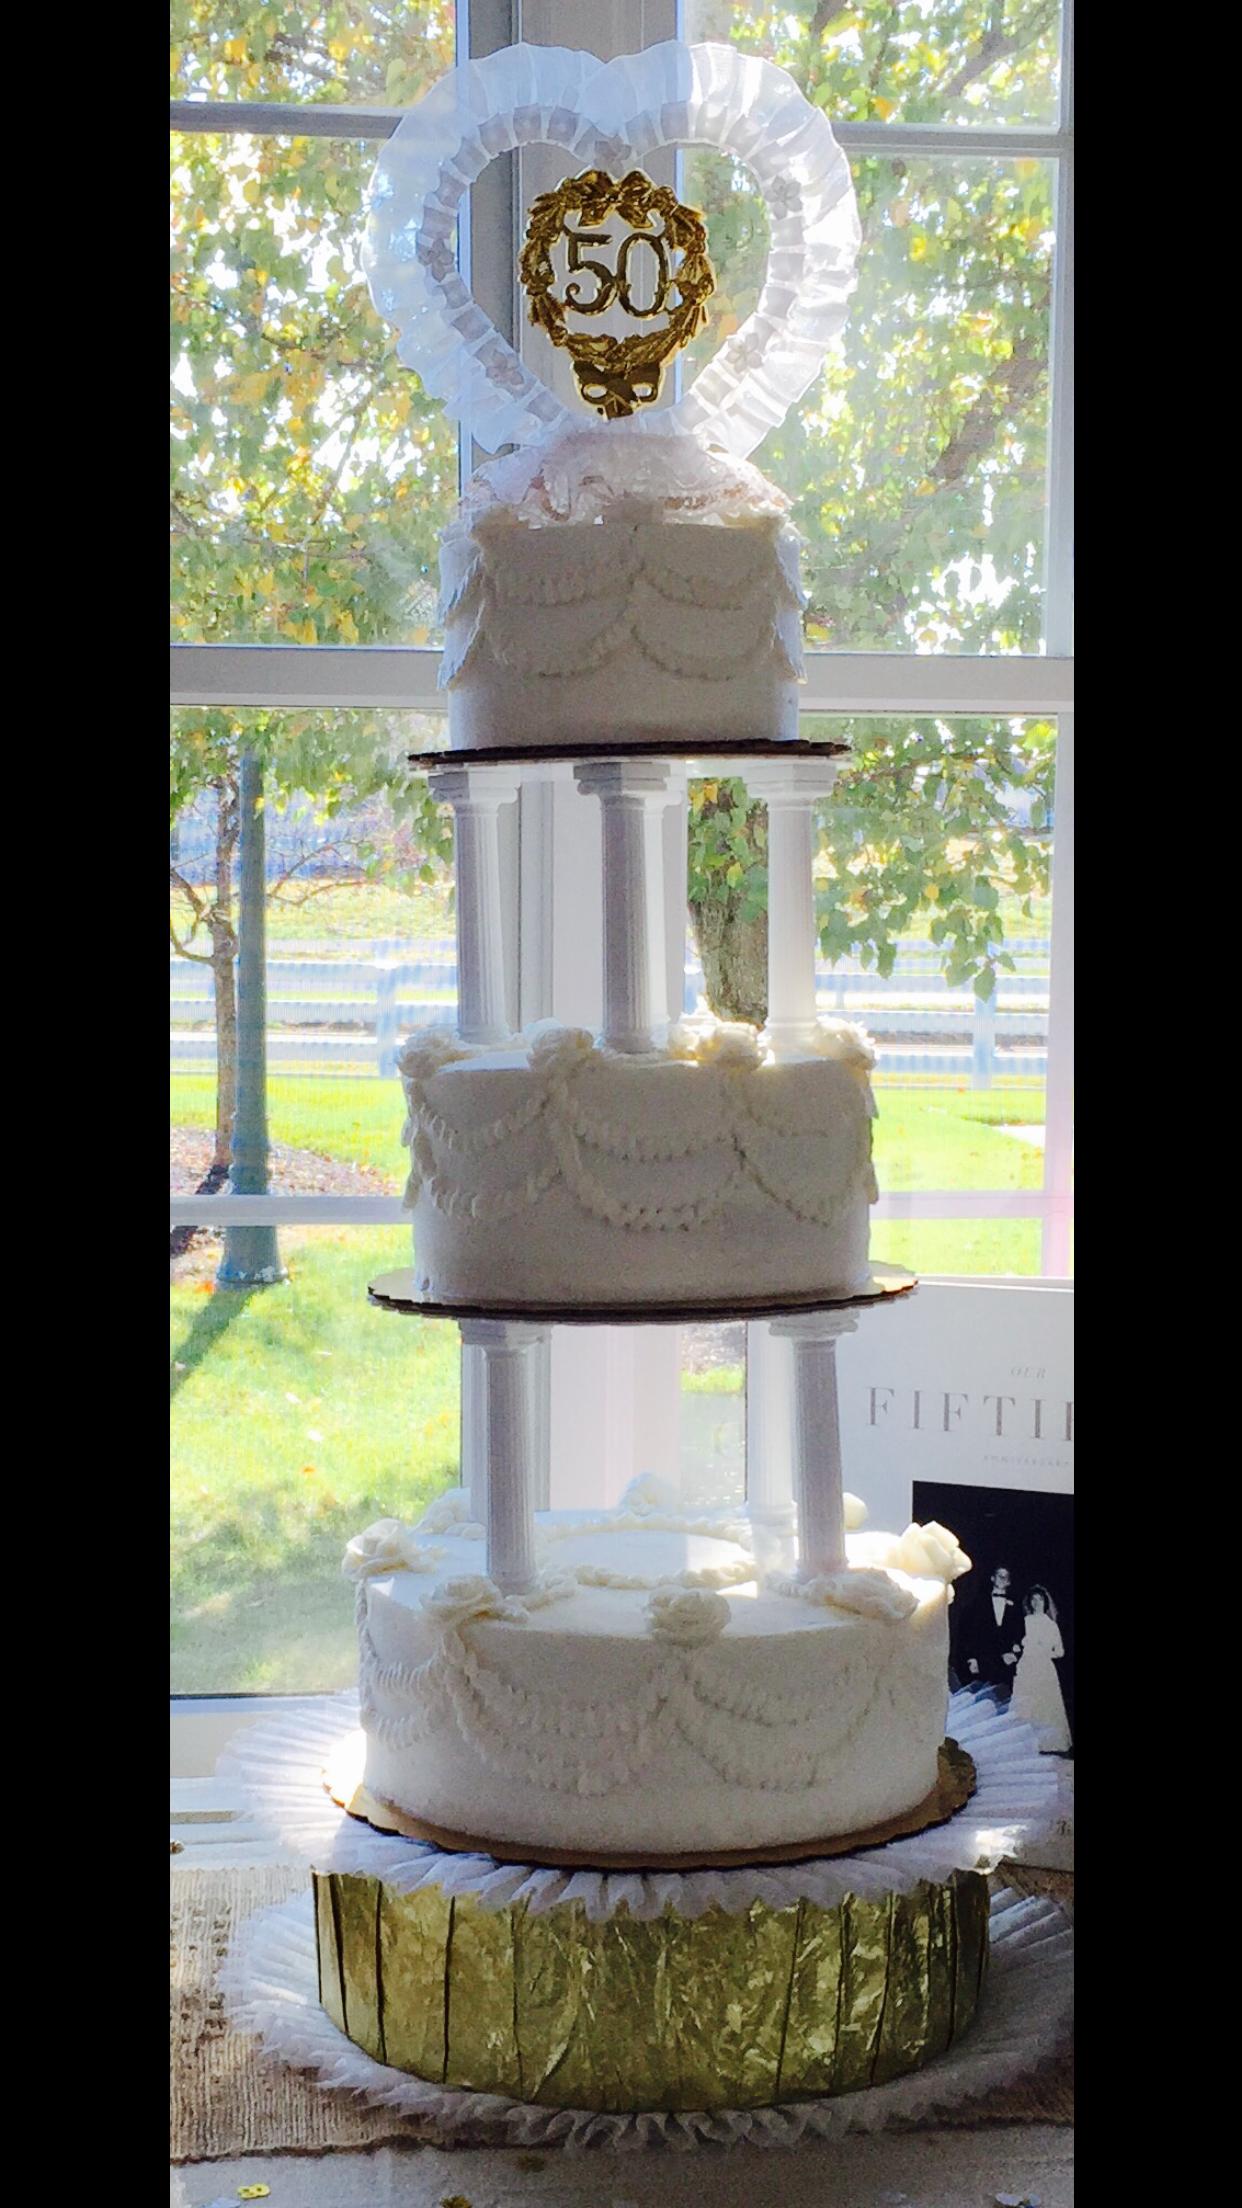 Anniversary Cake replica of original Wedding Cake